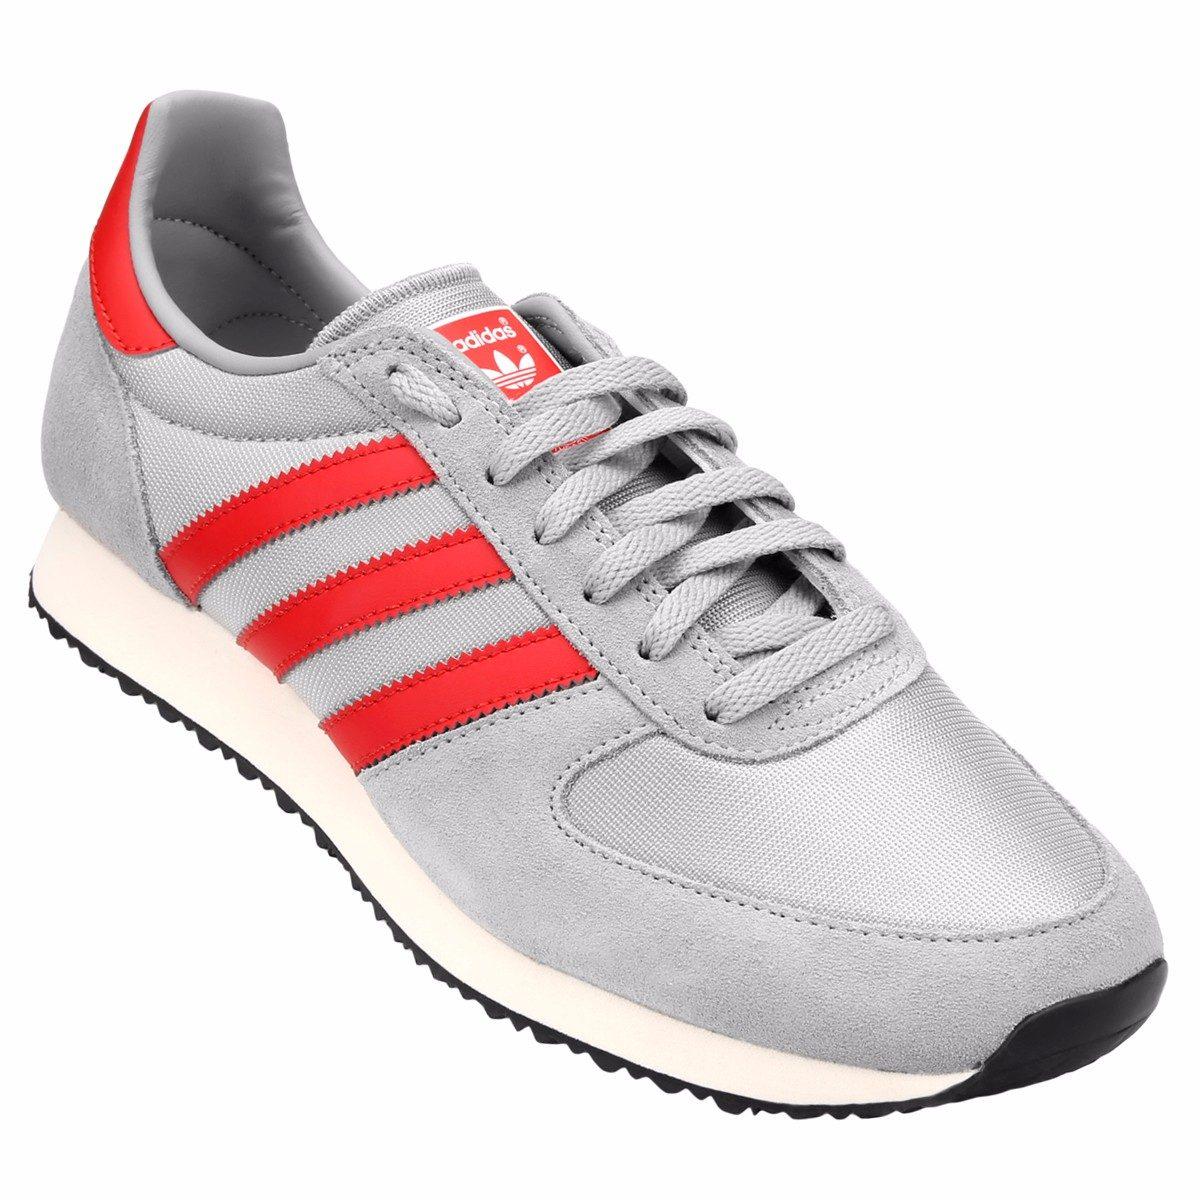 tênis adidas originals zx racer masculino original + nf. Carregando zoom. ebbd900507926